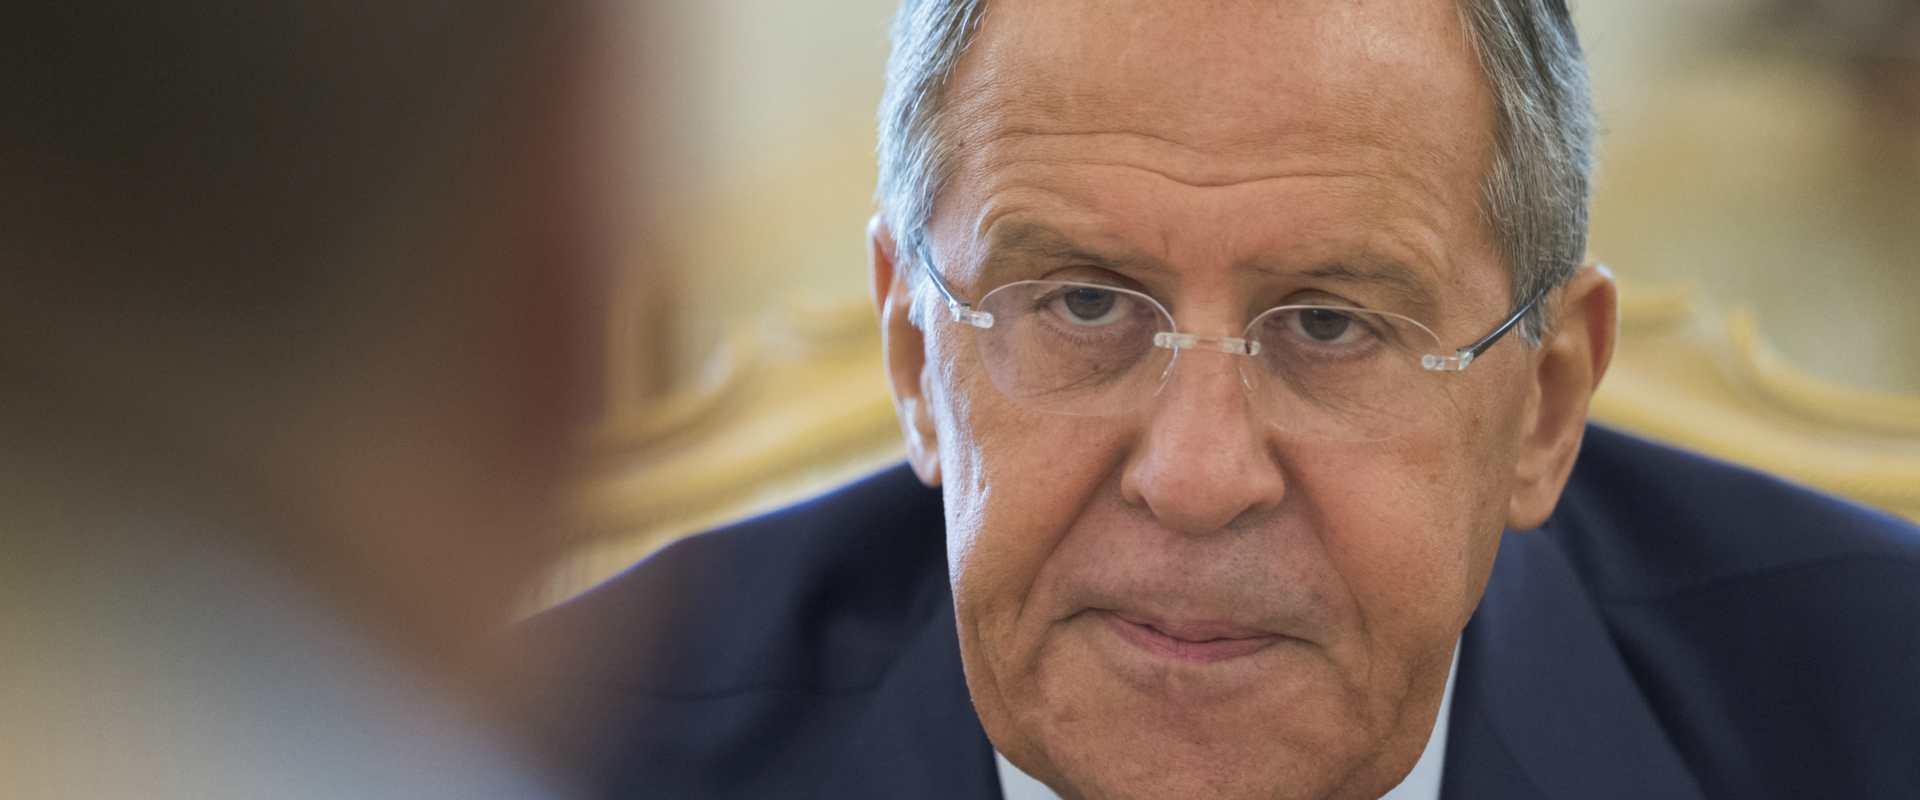 שר החוץ הרוסי סרגיי לברוב